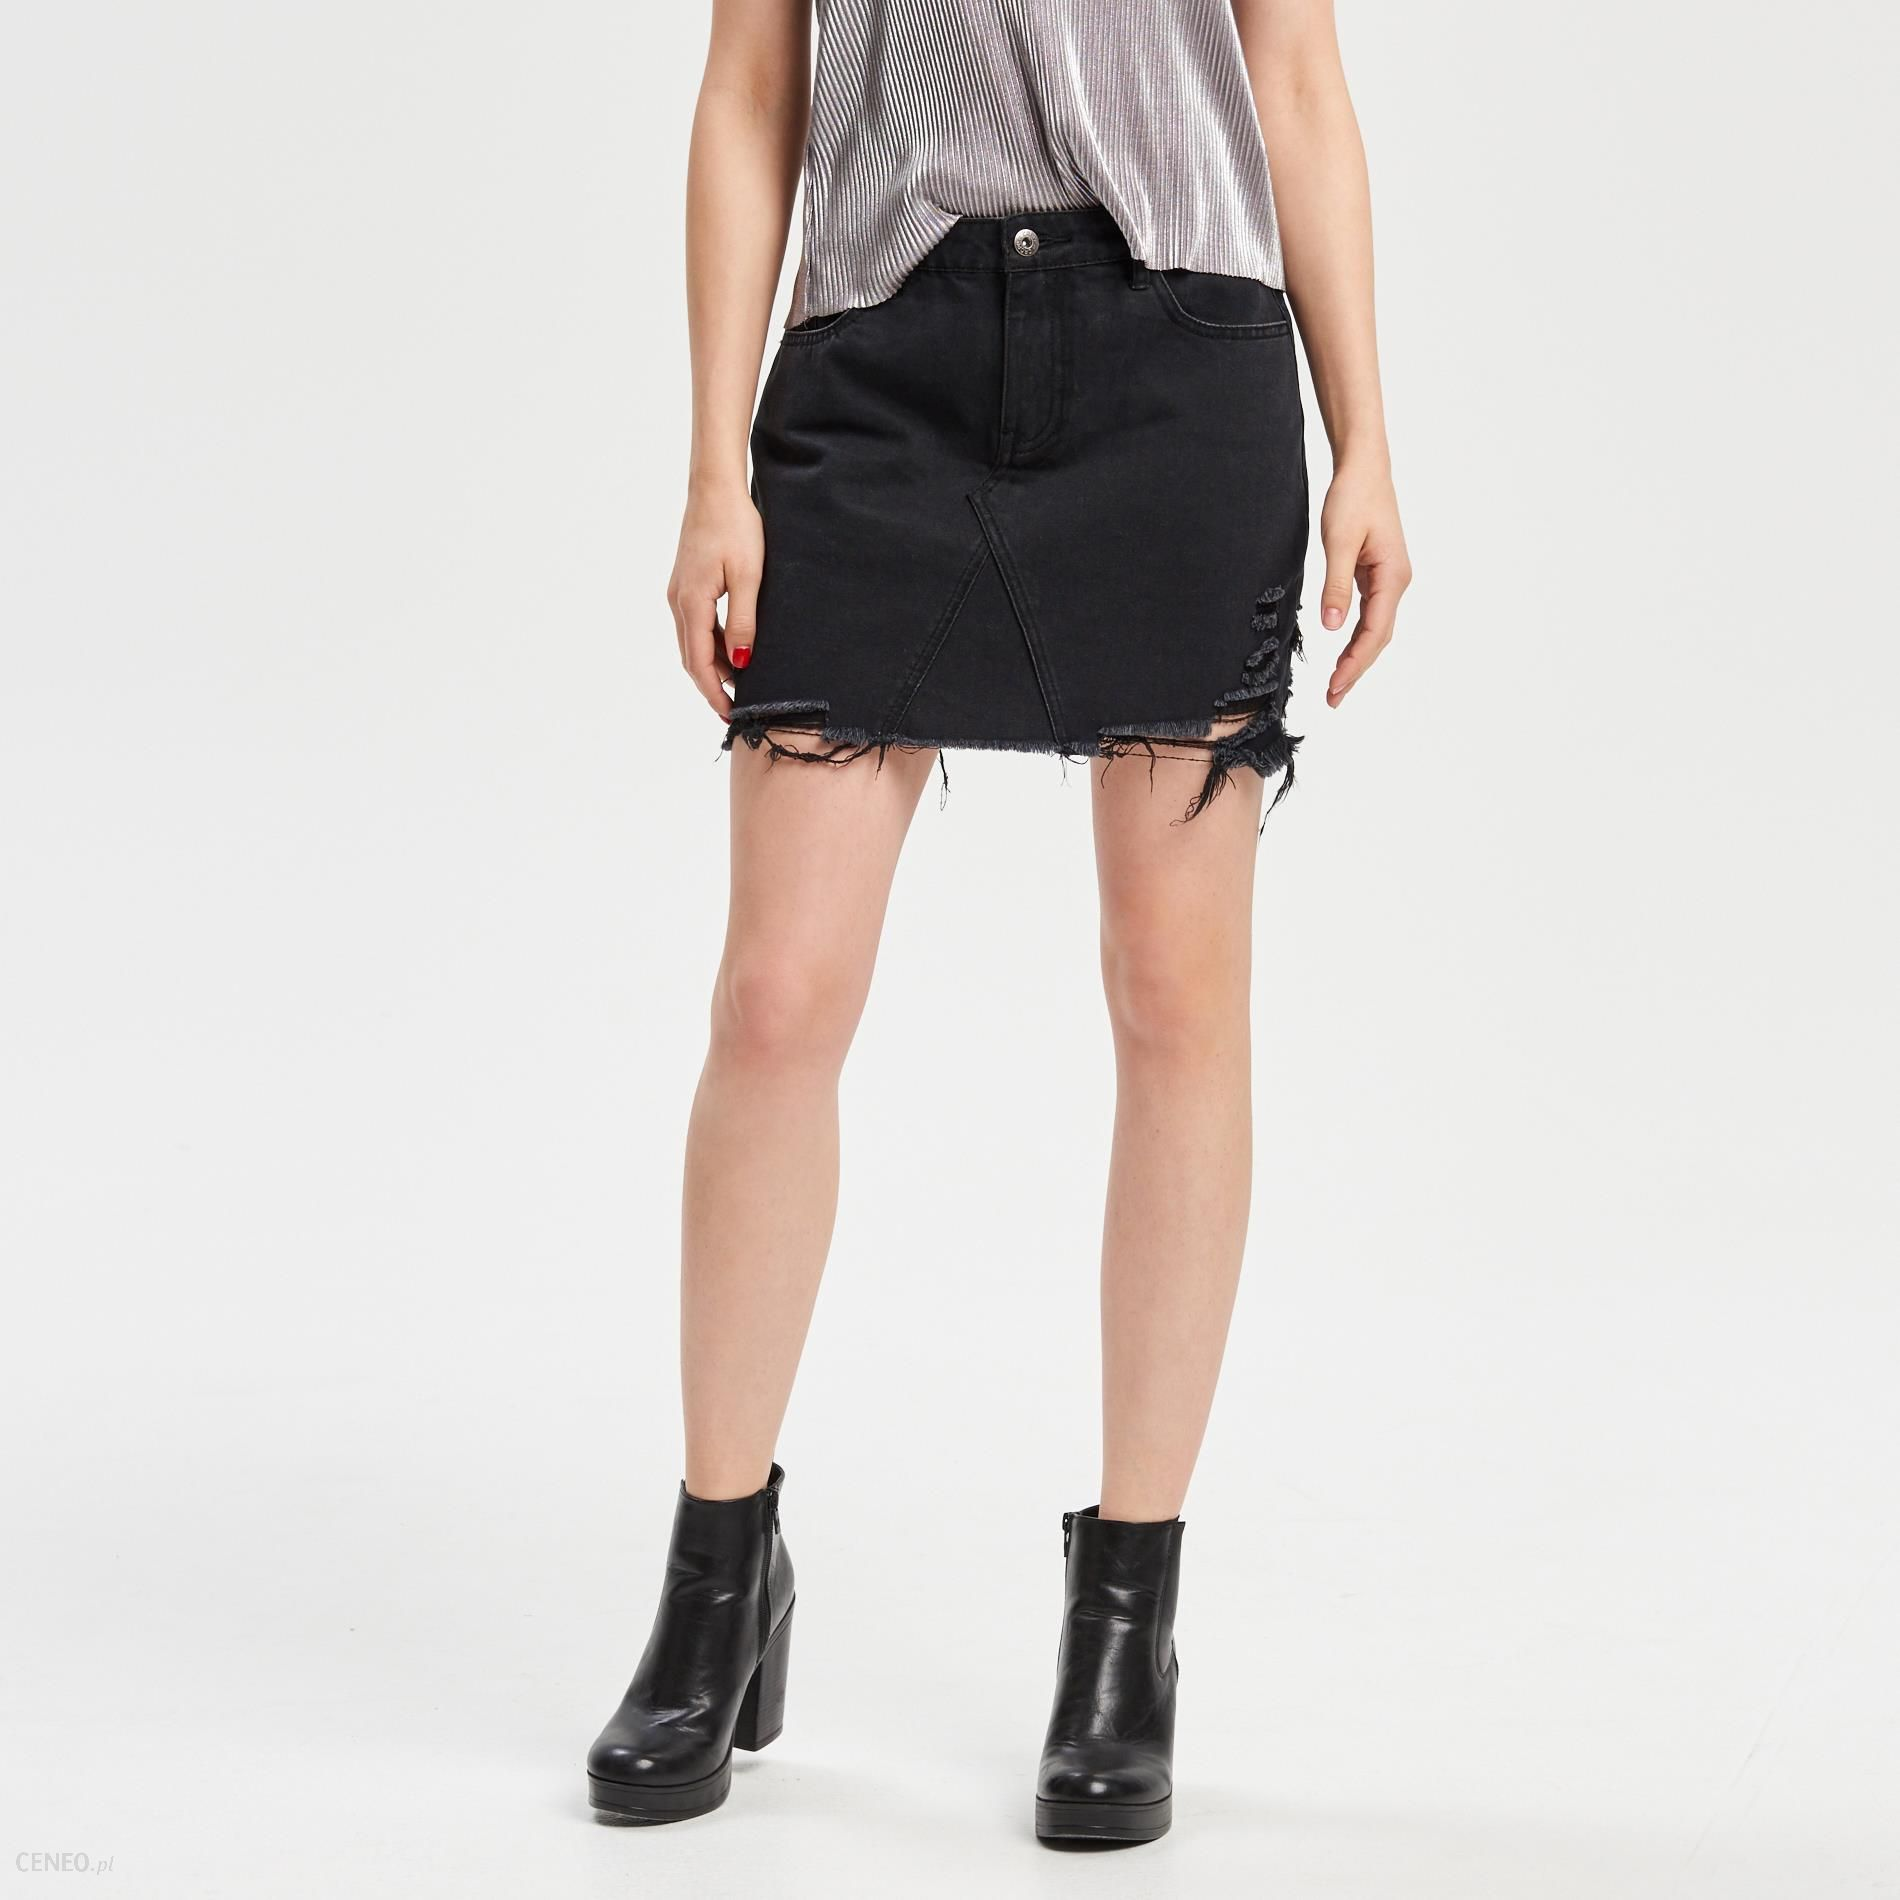 Cropp Jeansowa spódnica Czarny damska Ceny i opinie